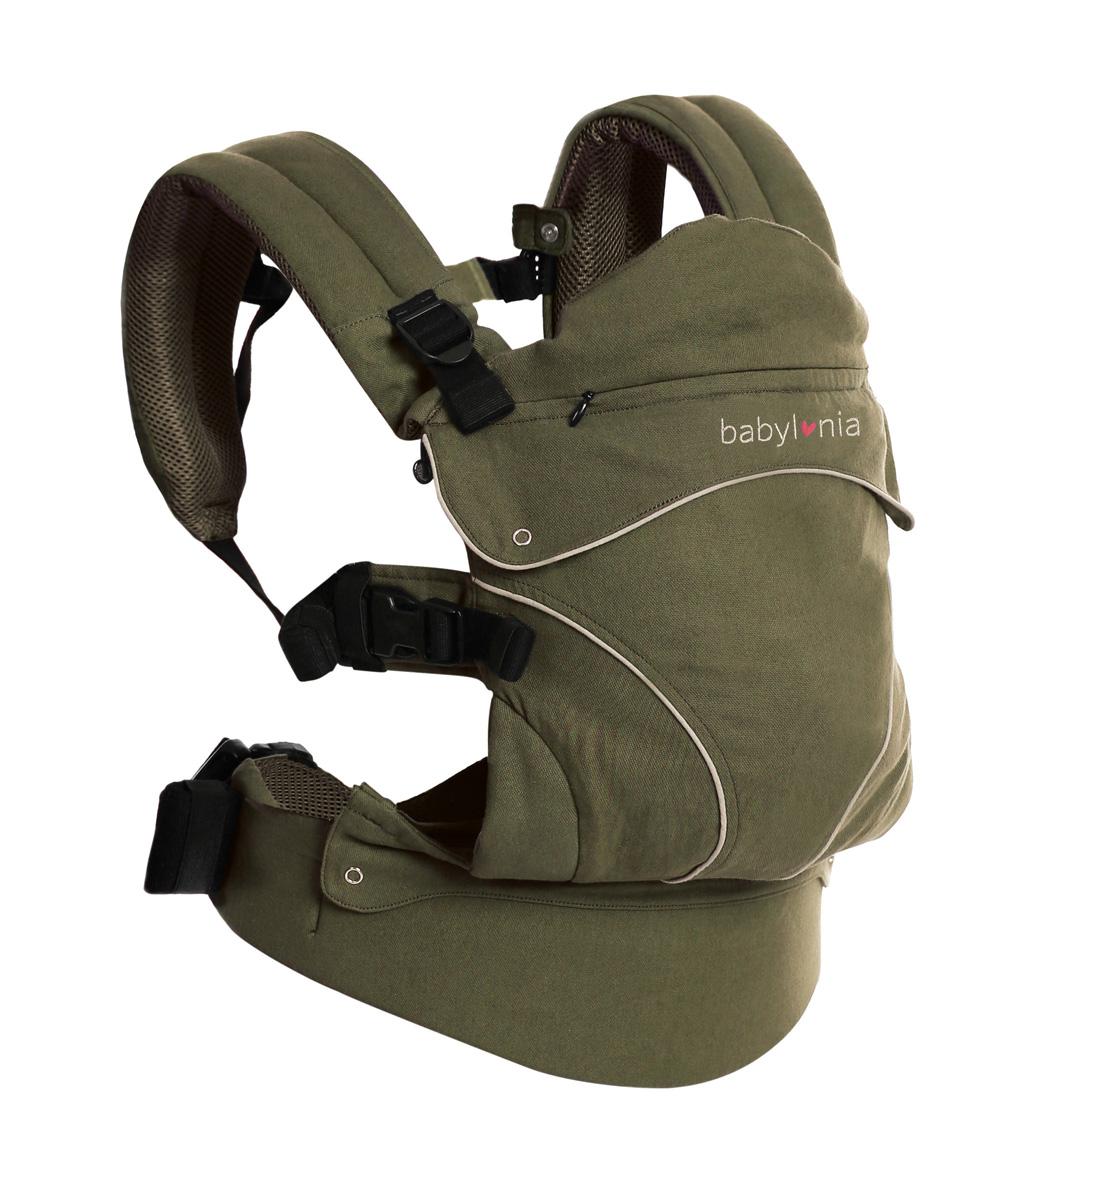 Ekologisk bärsele Flexia mörkgrön Babylonia